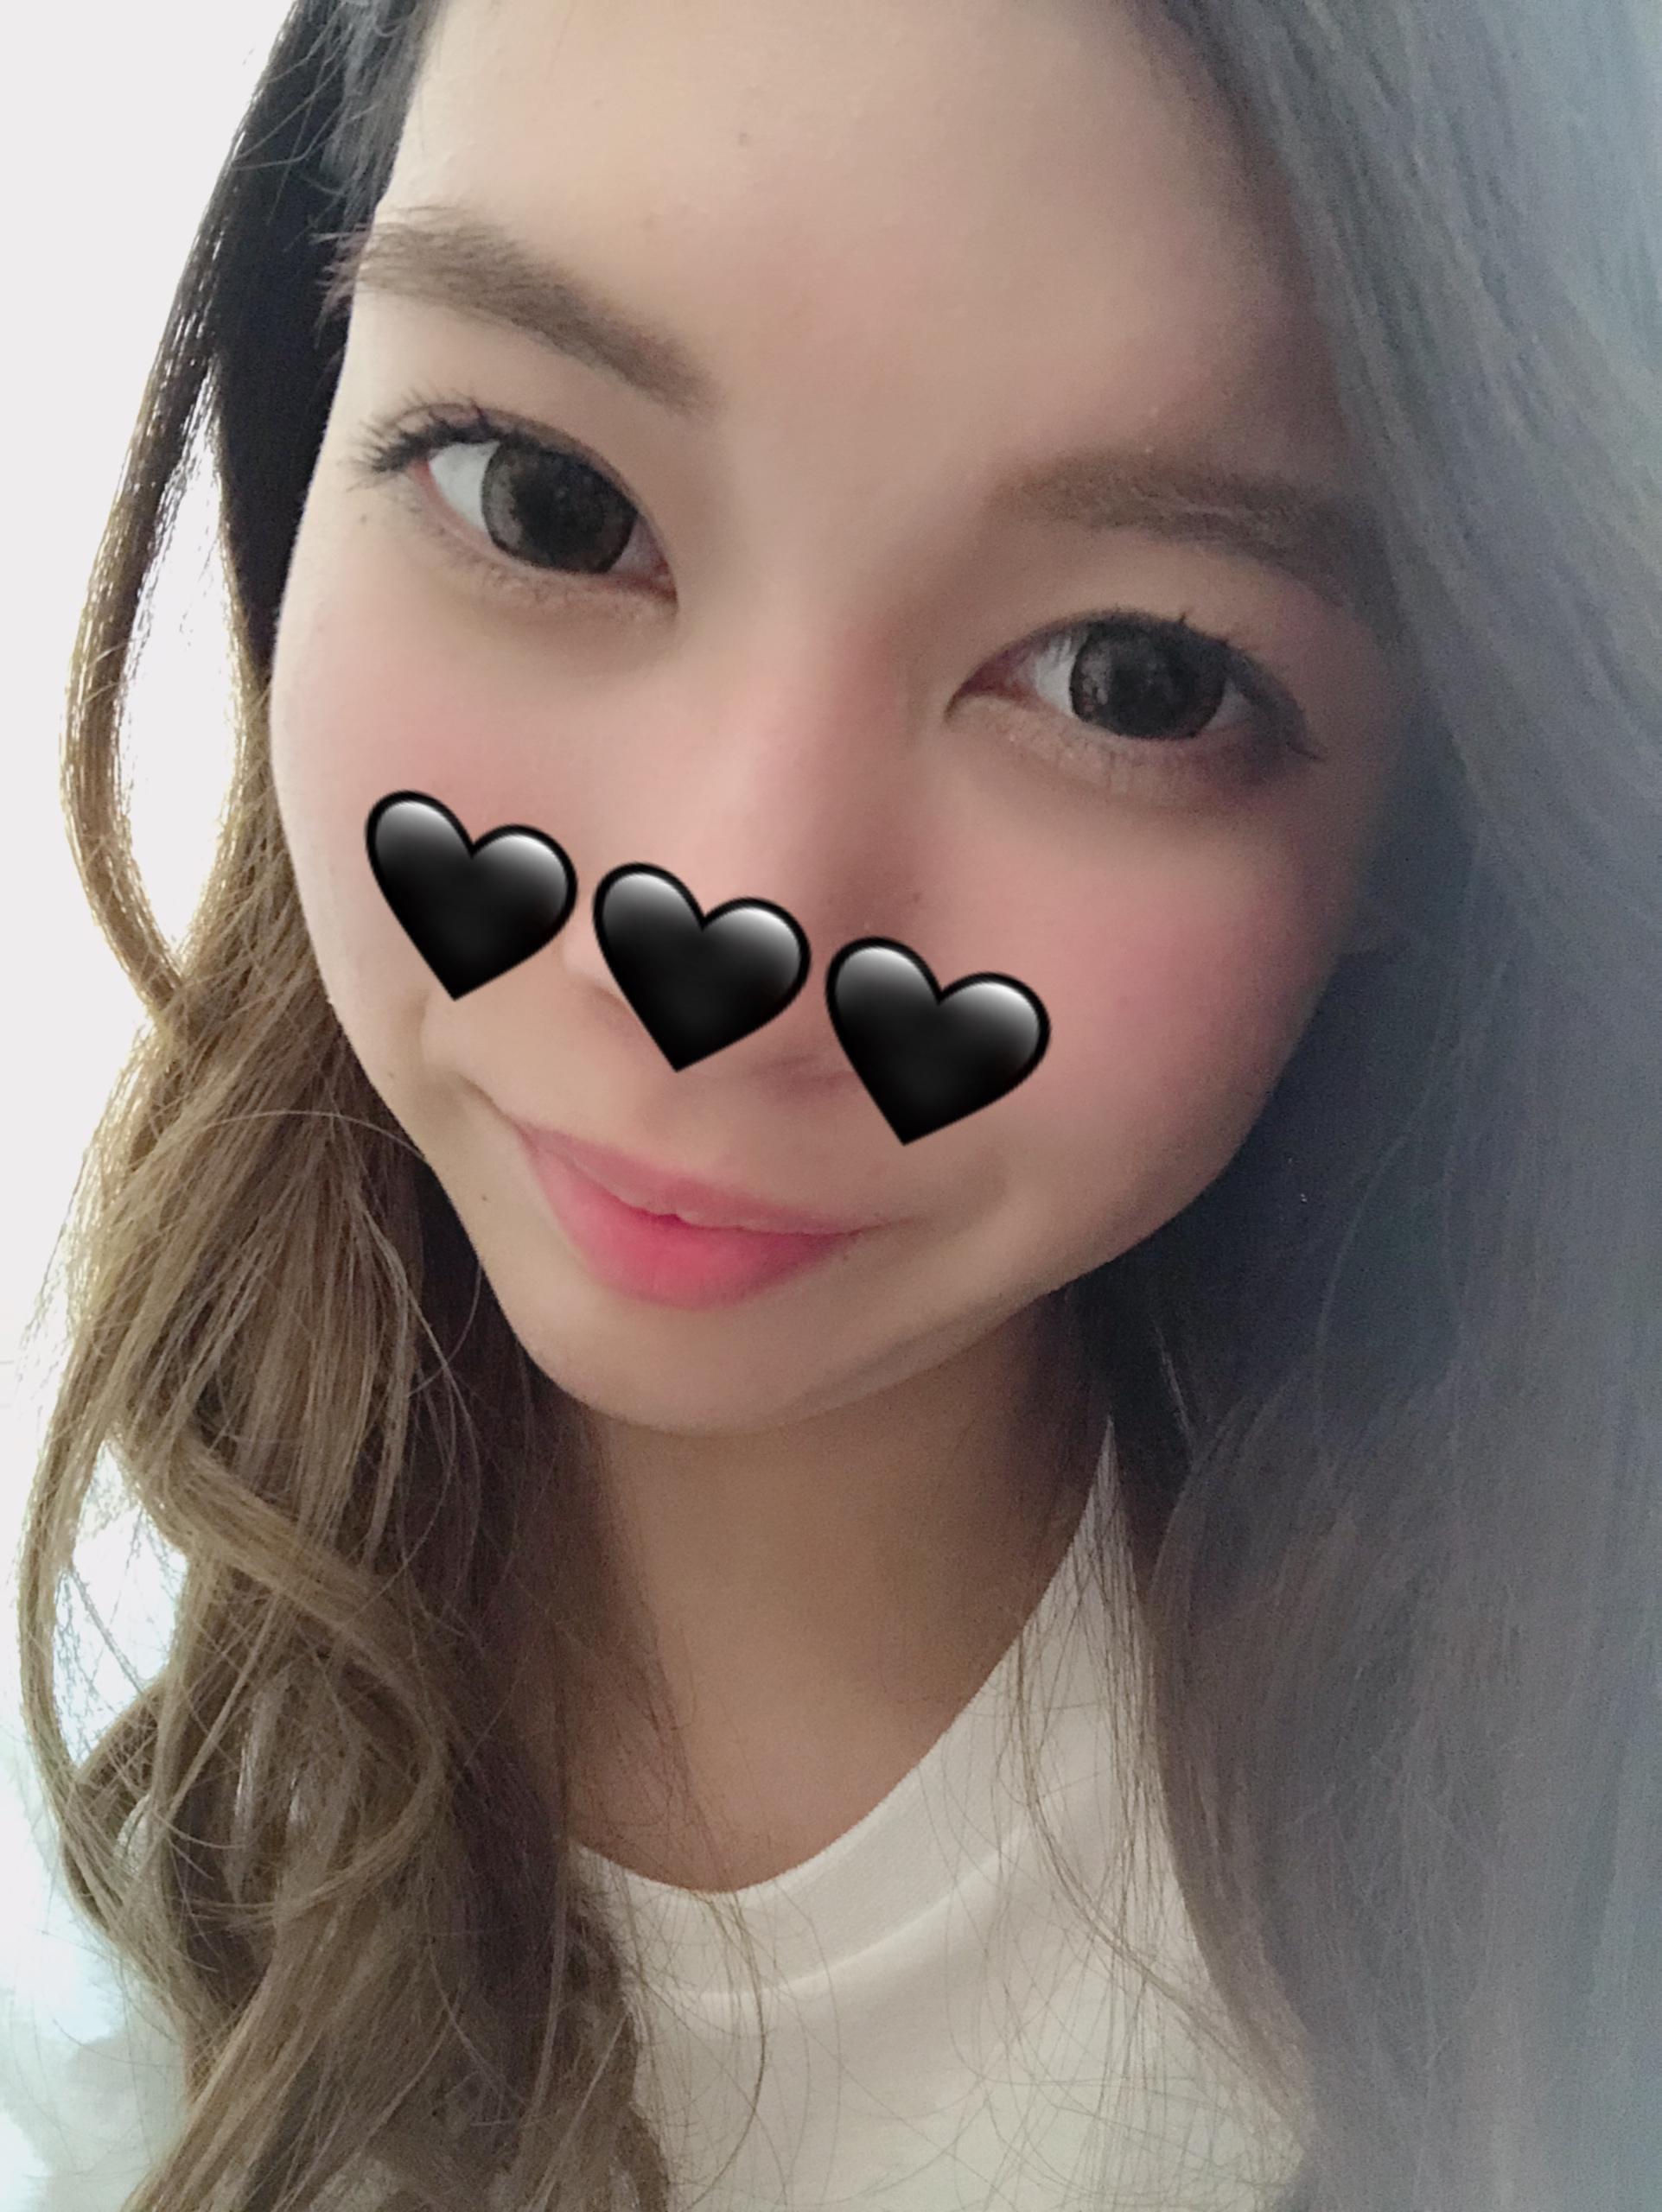 「みてみて」08/20(月) 22:25   あいかの写メ・風俗動画